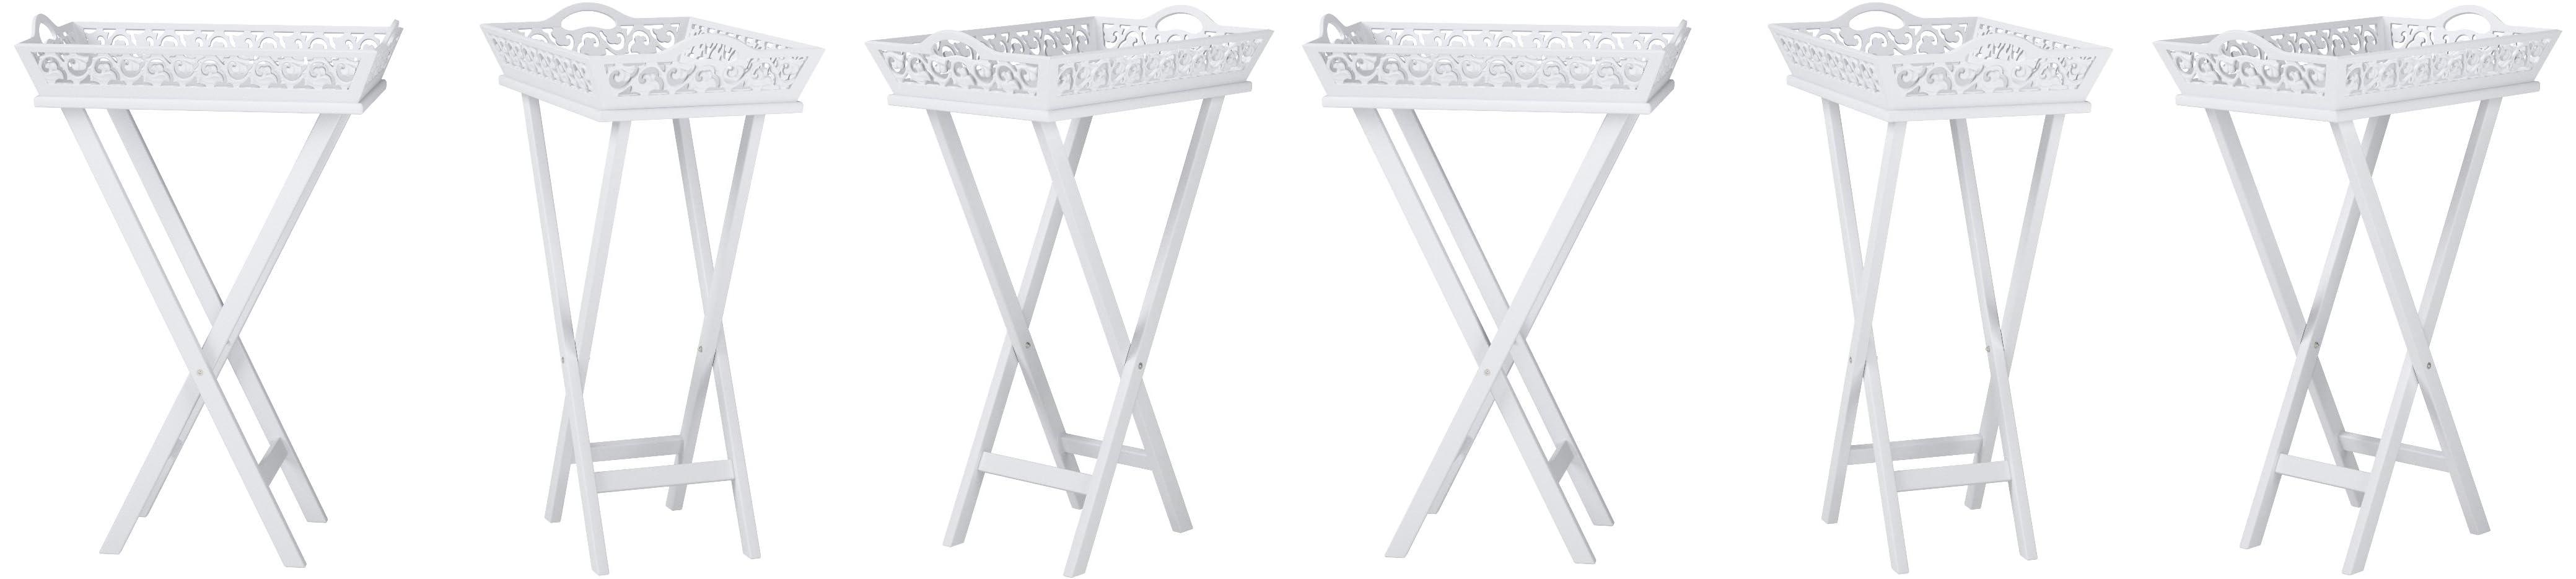 vidaXL Tavolino Laterale e Vassoio Bianco Tavolo Notte Ingresso Notte Salotto